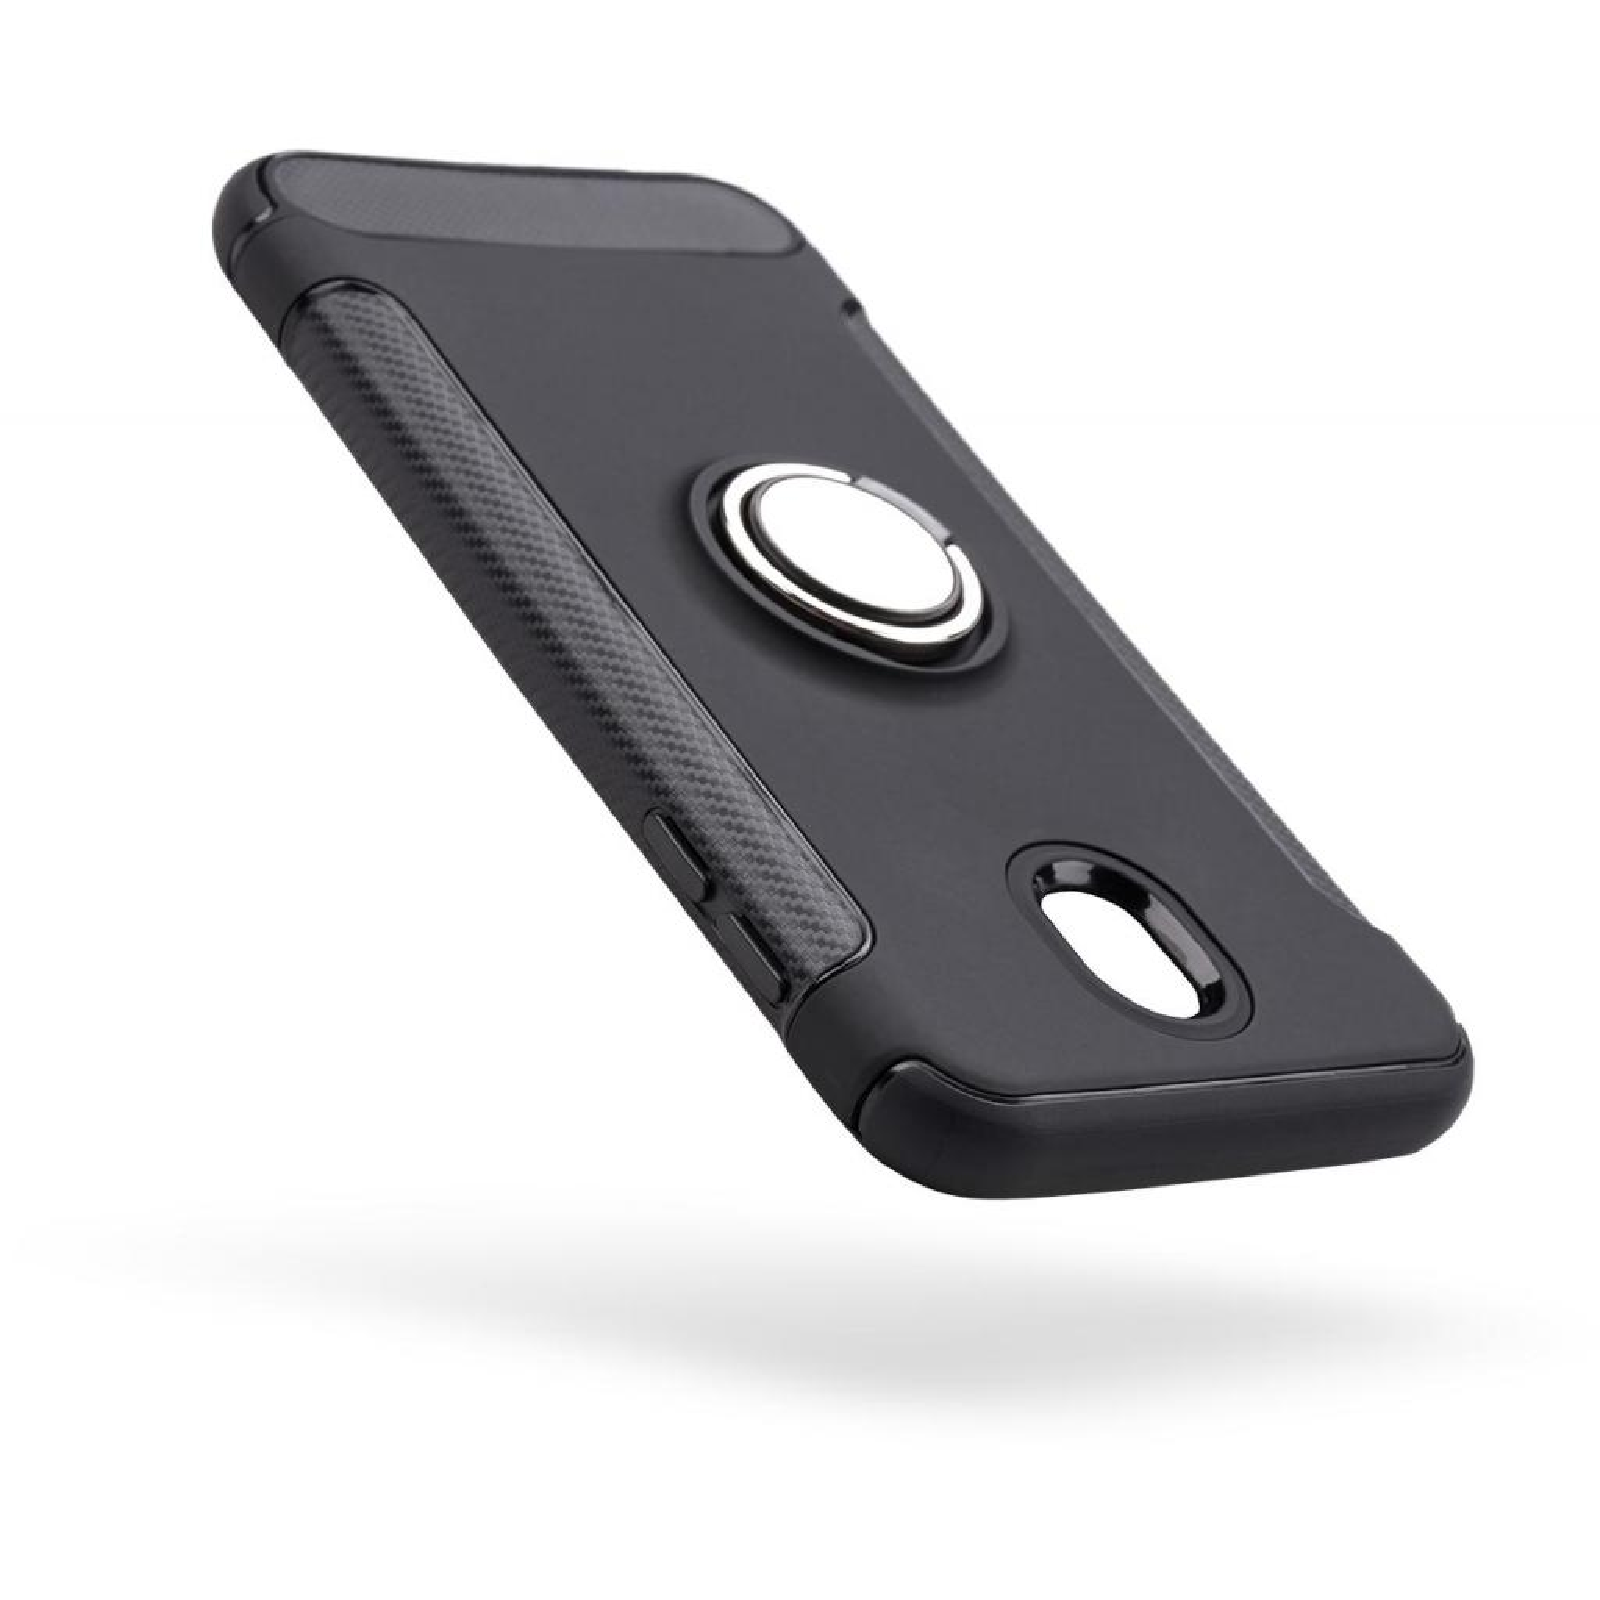 Чехол для моб. телефона Laudtec для Samsung J7 2017/J730 Ring stand (black) (LR-J730-BC) изображение 7